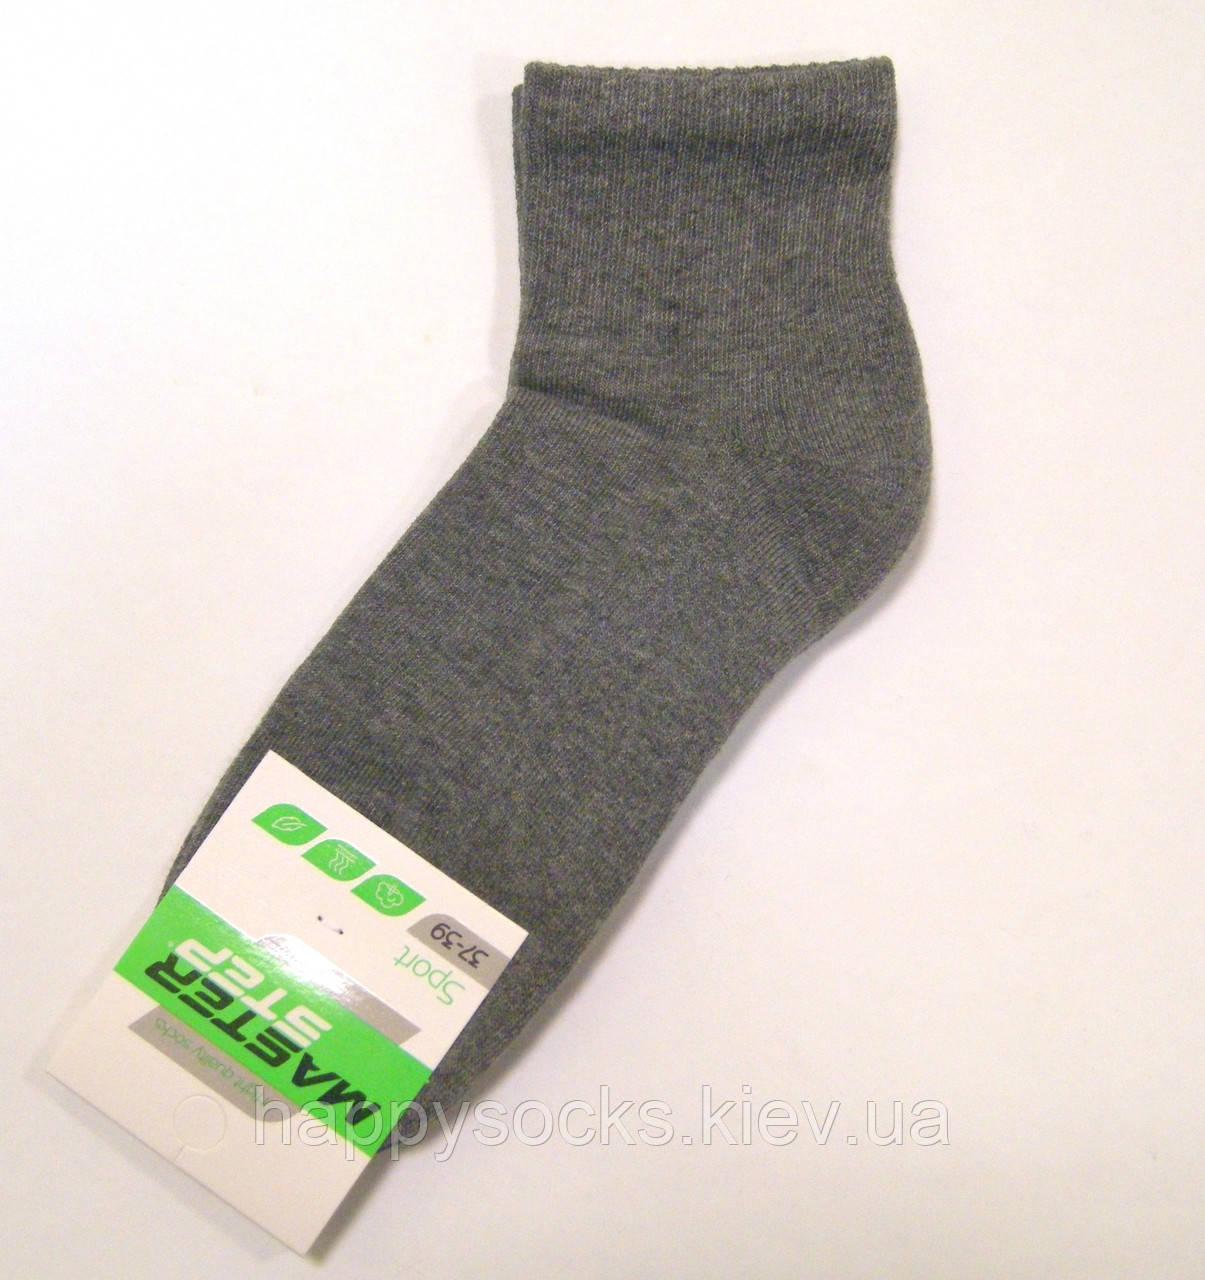 Носки хлопковые с махровым следом серого цвета